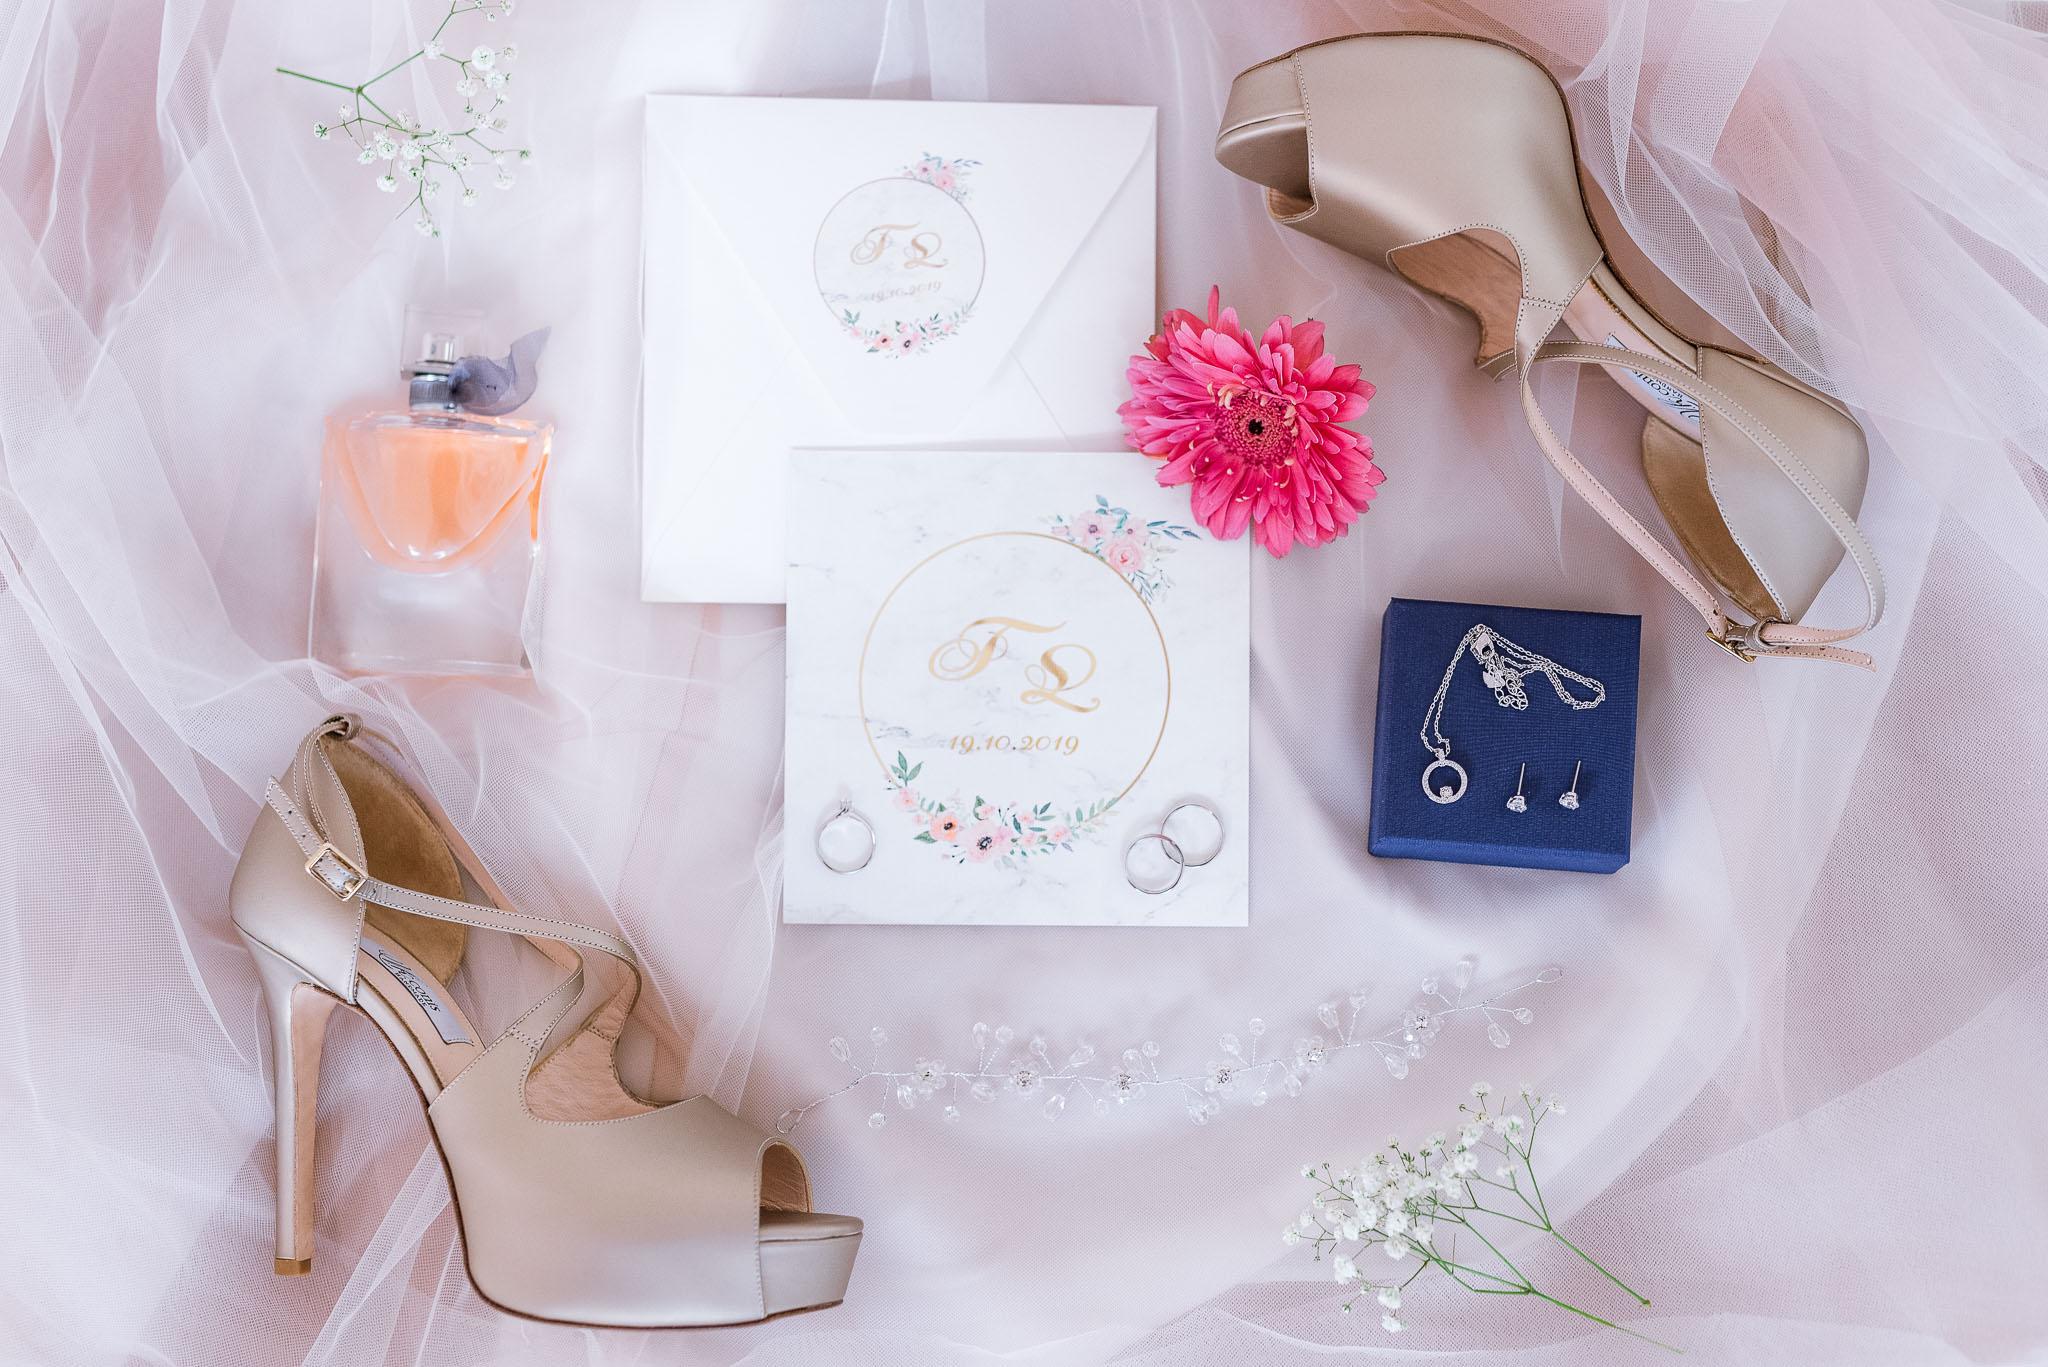 στολισμός προετοιμασία νύφης